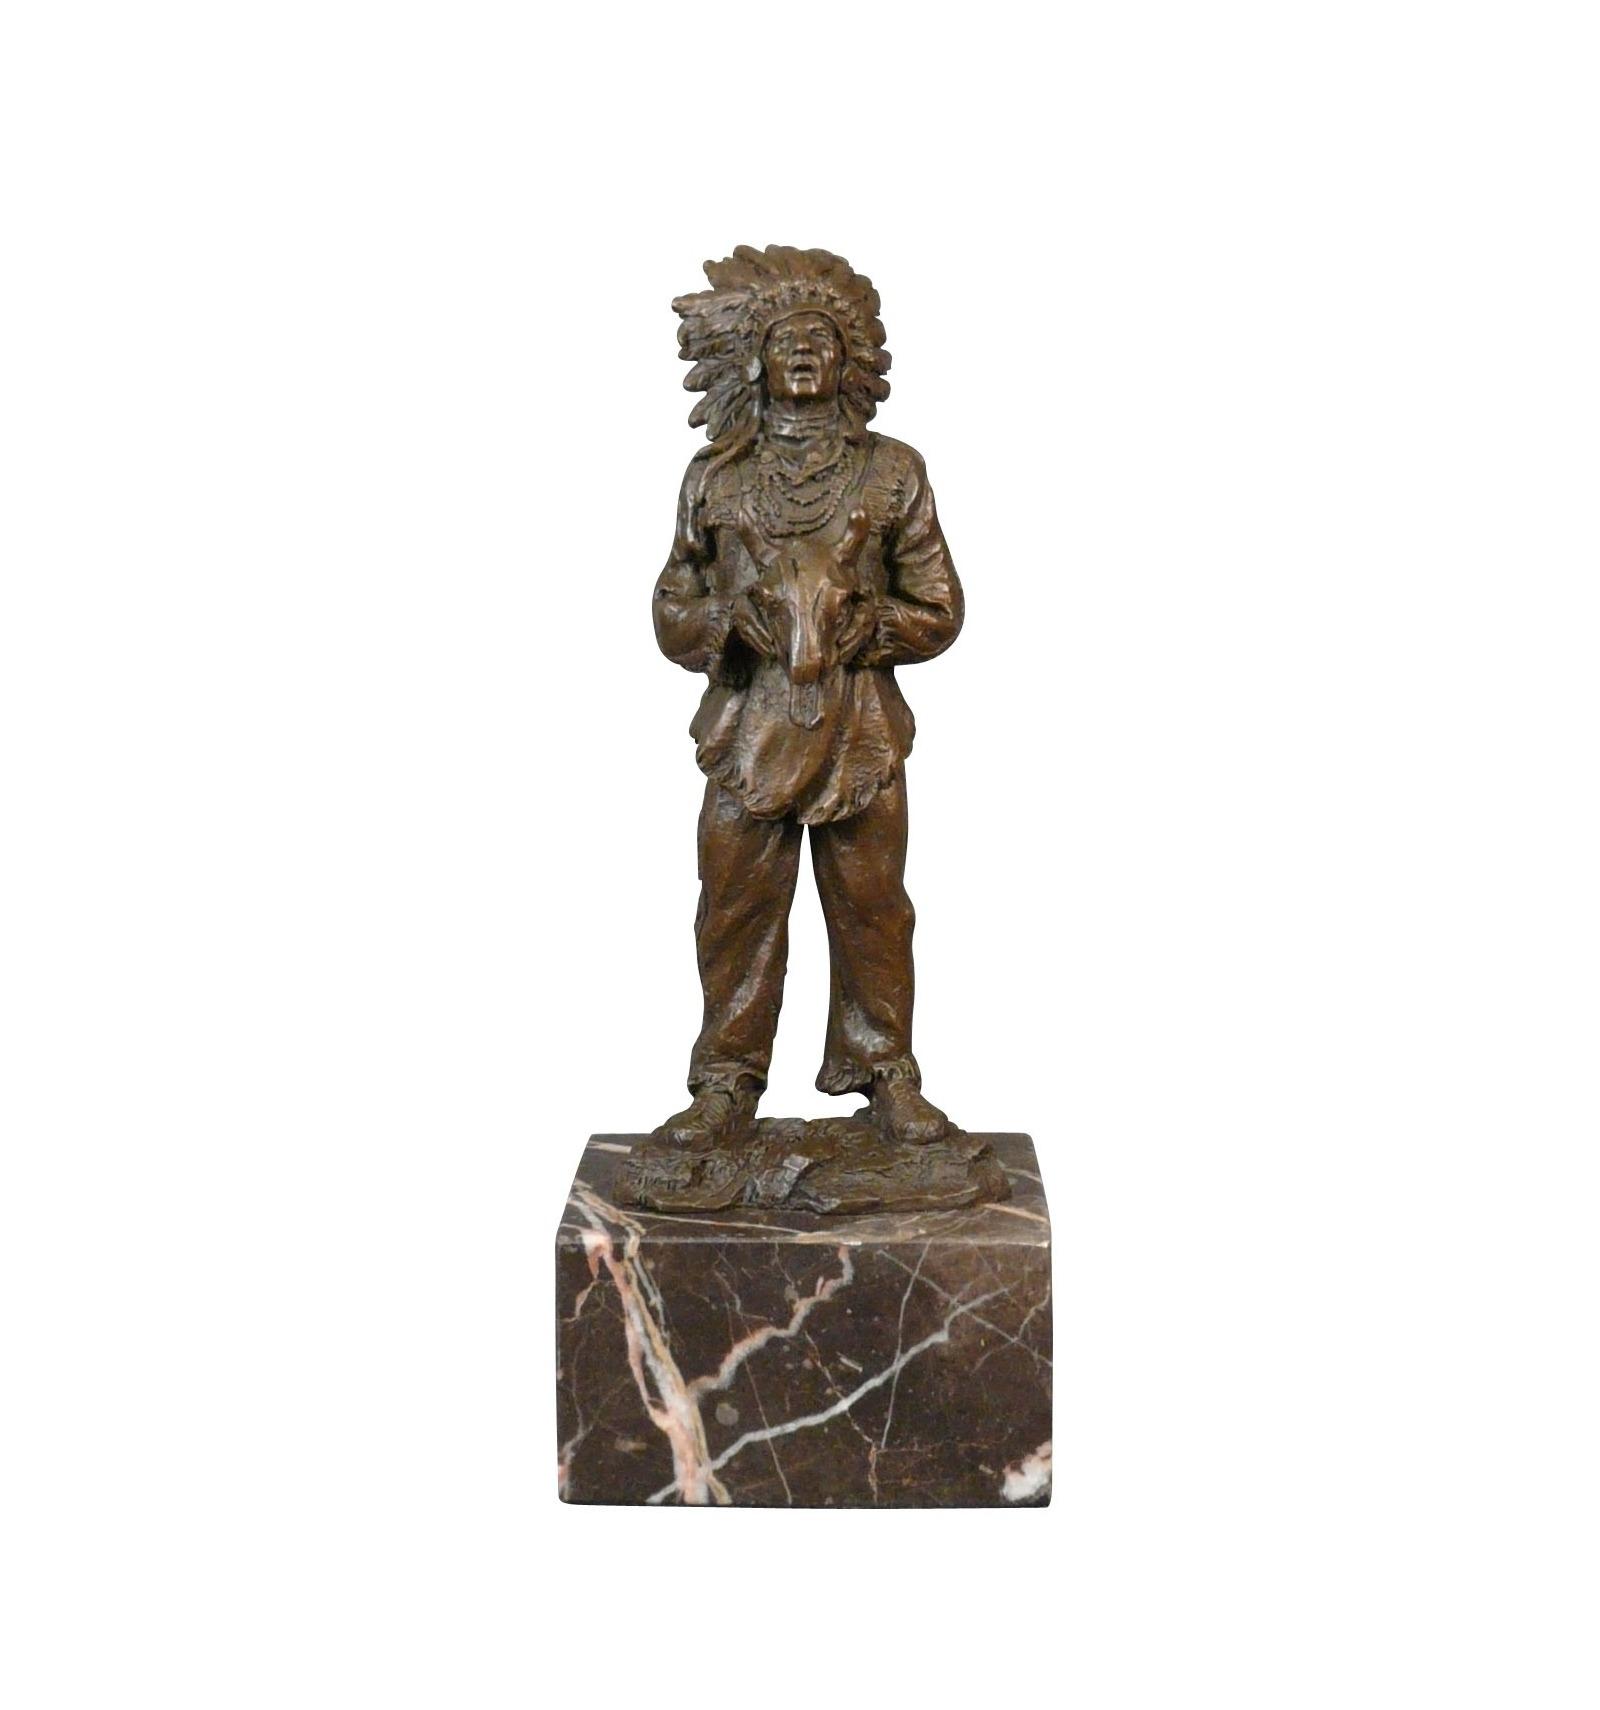 statue en bronze d 39 un indien d 39 am rique sculpture meuble art d co. Black Bedroom Furniture Sets. Home Design Ideas